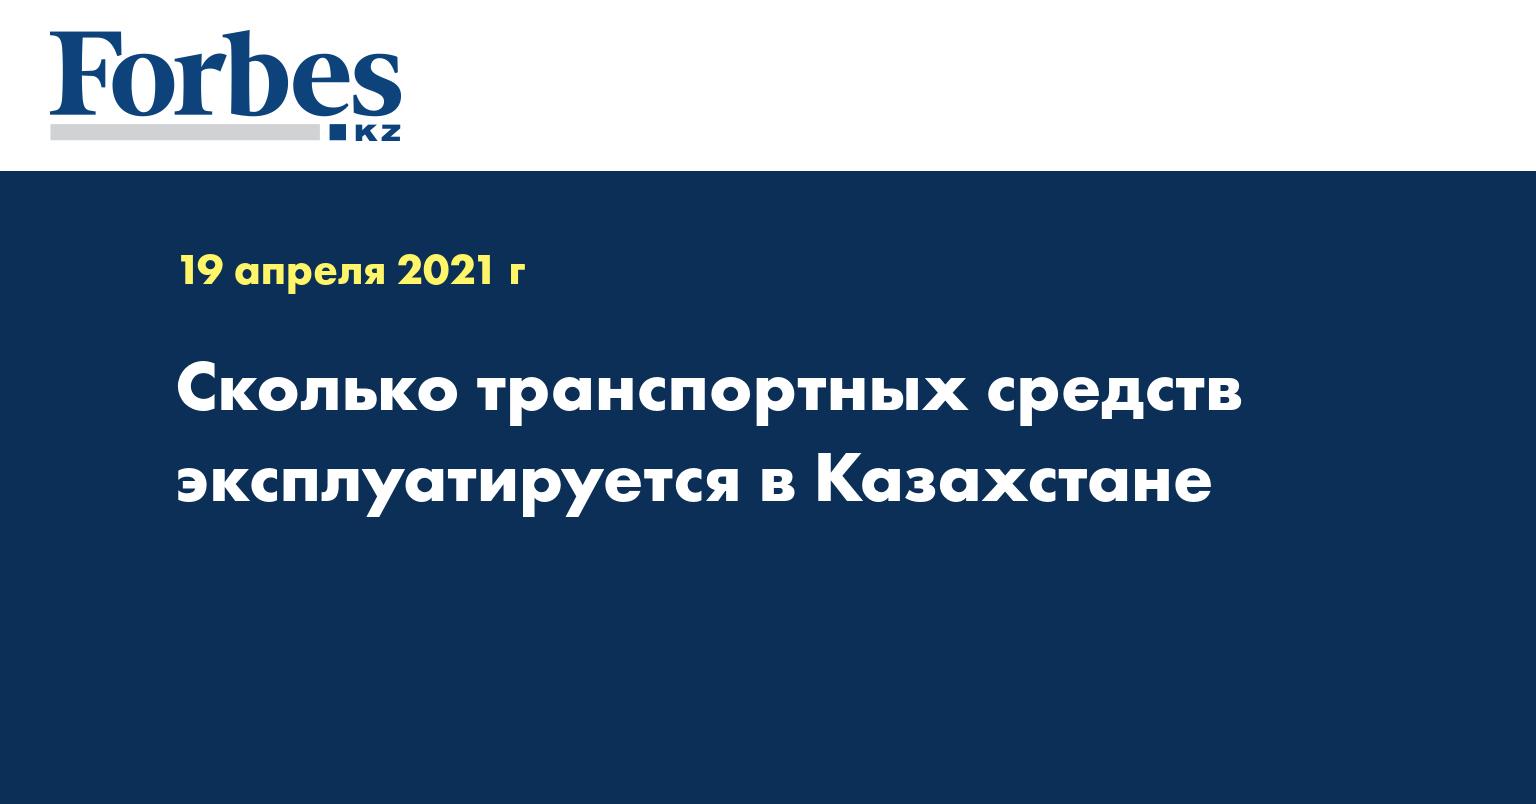 Сколько транспортных средств эксплуатируется в Казахстане